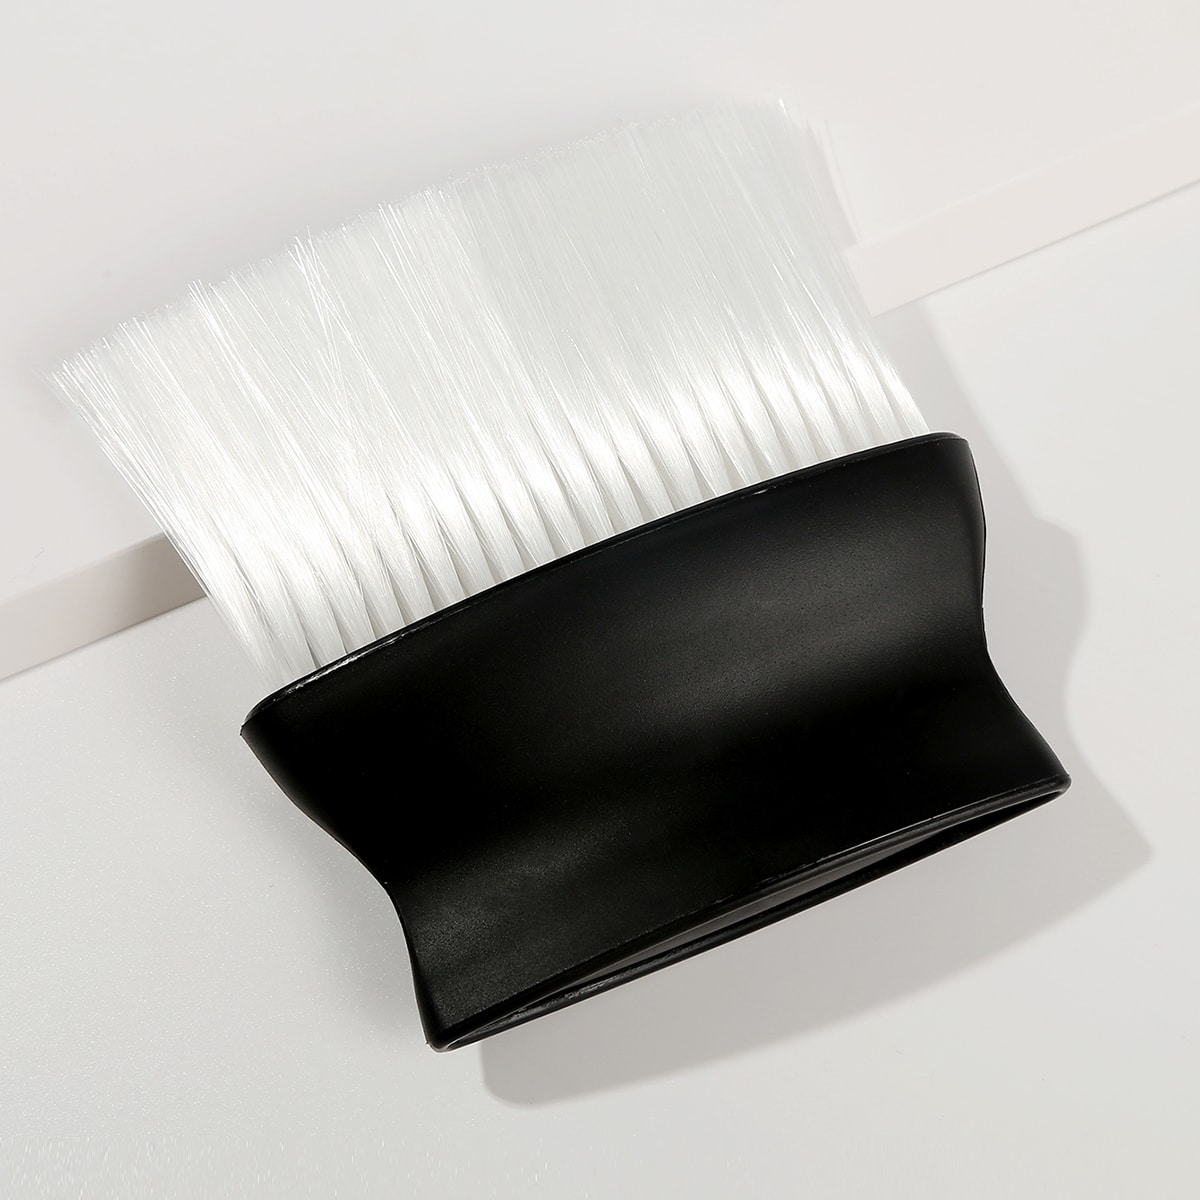 Щетка для чистки стрижки